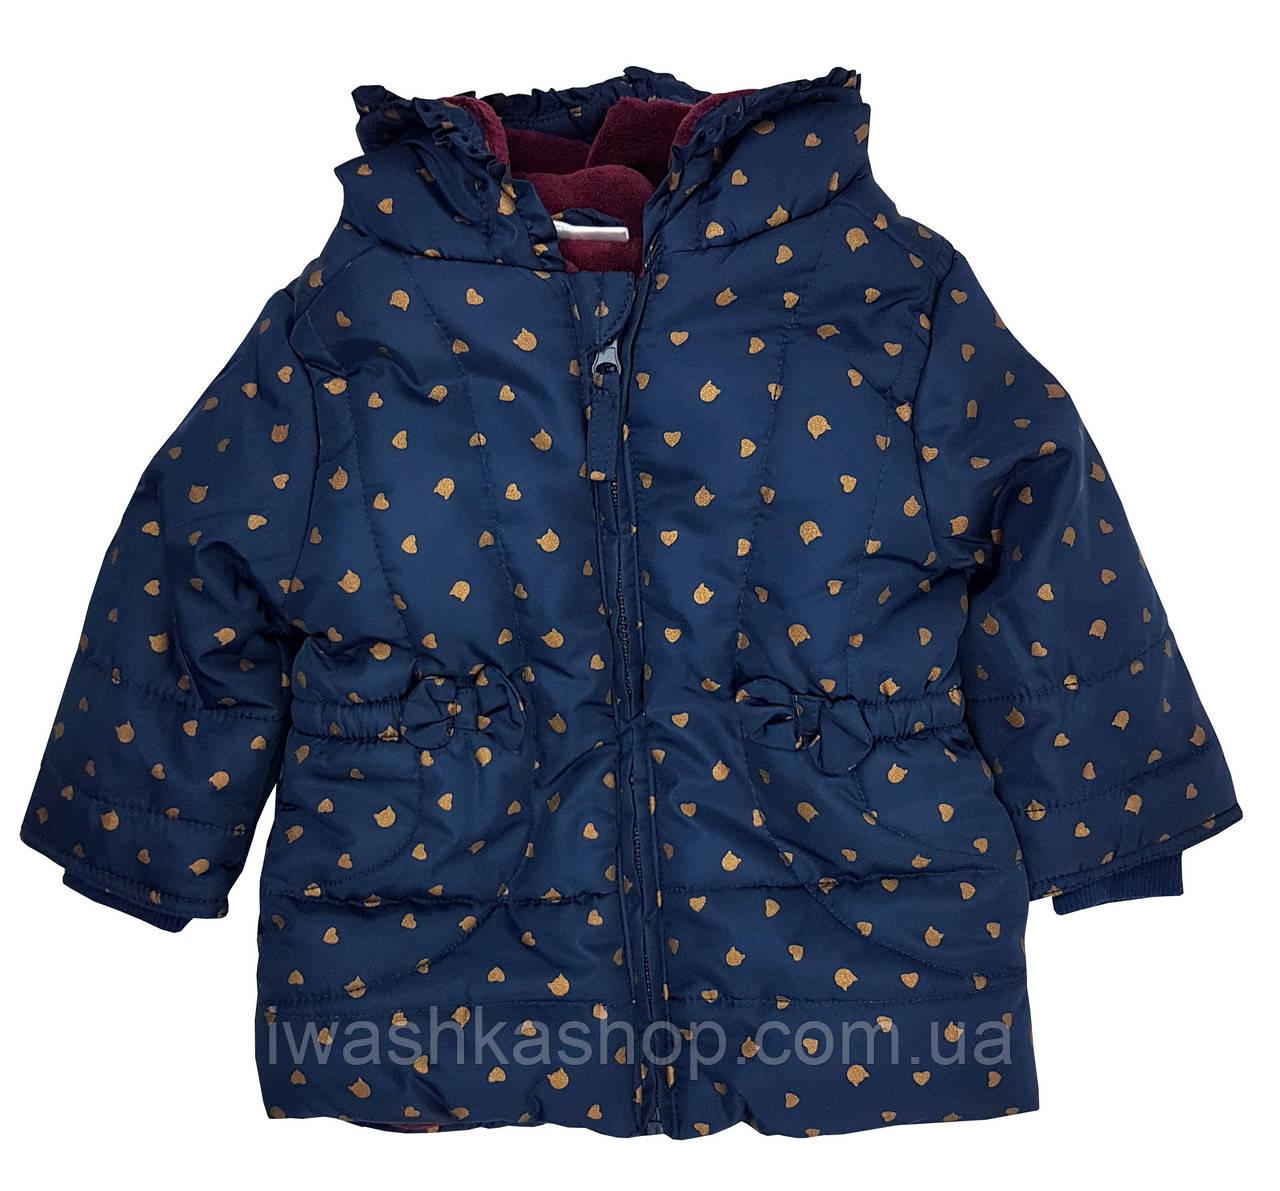 Демисезонная синяя куртка на девочку 9 - 12 месяцев, размер 80, Ergee, Германия